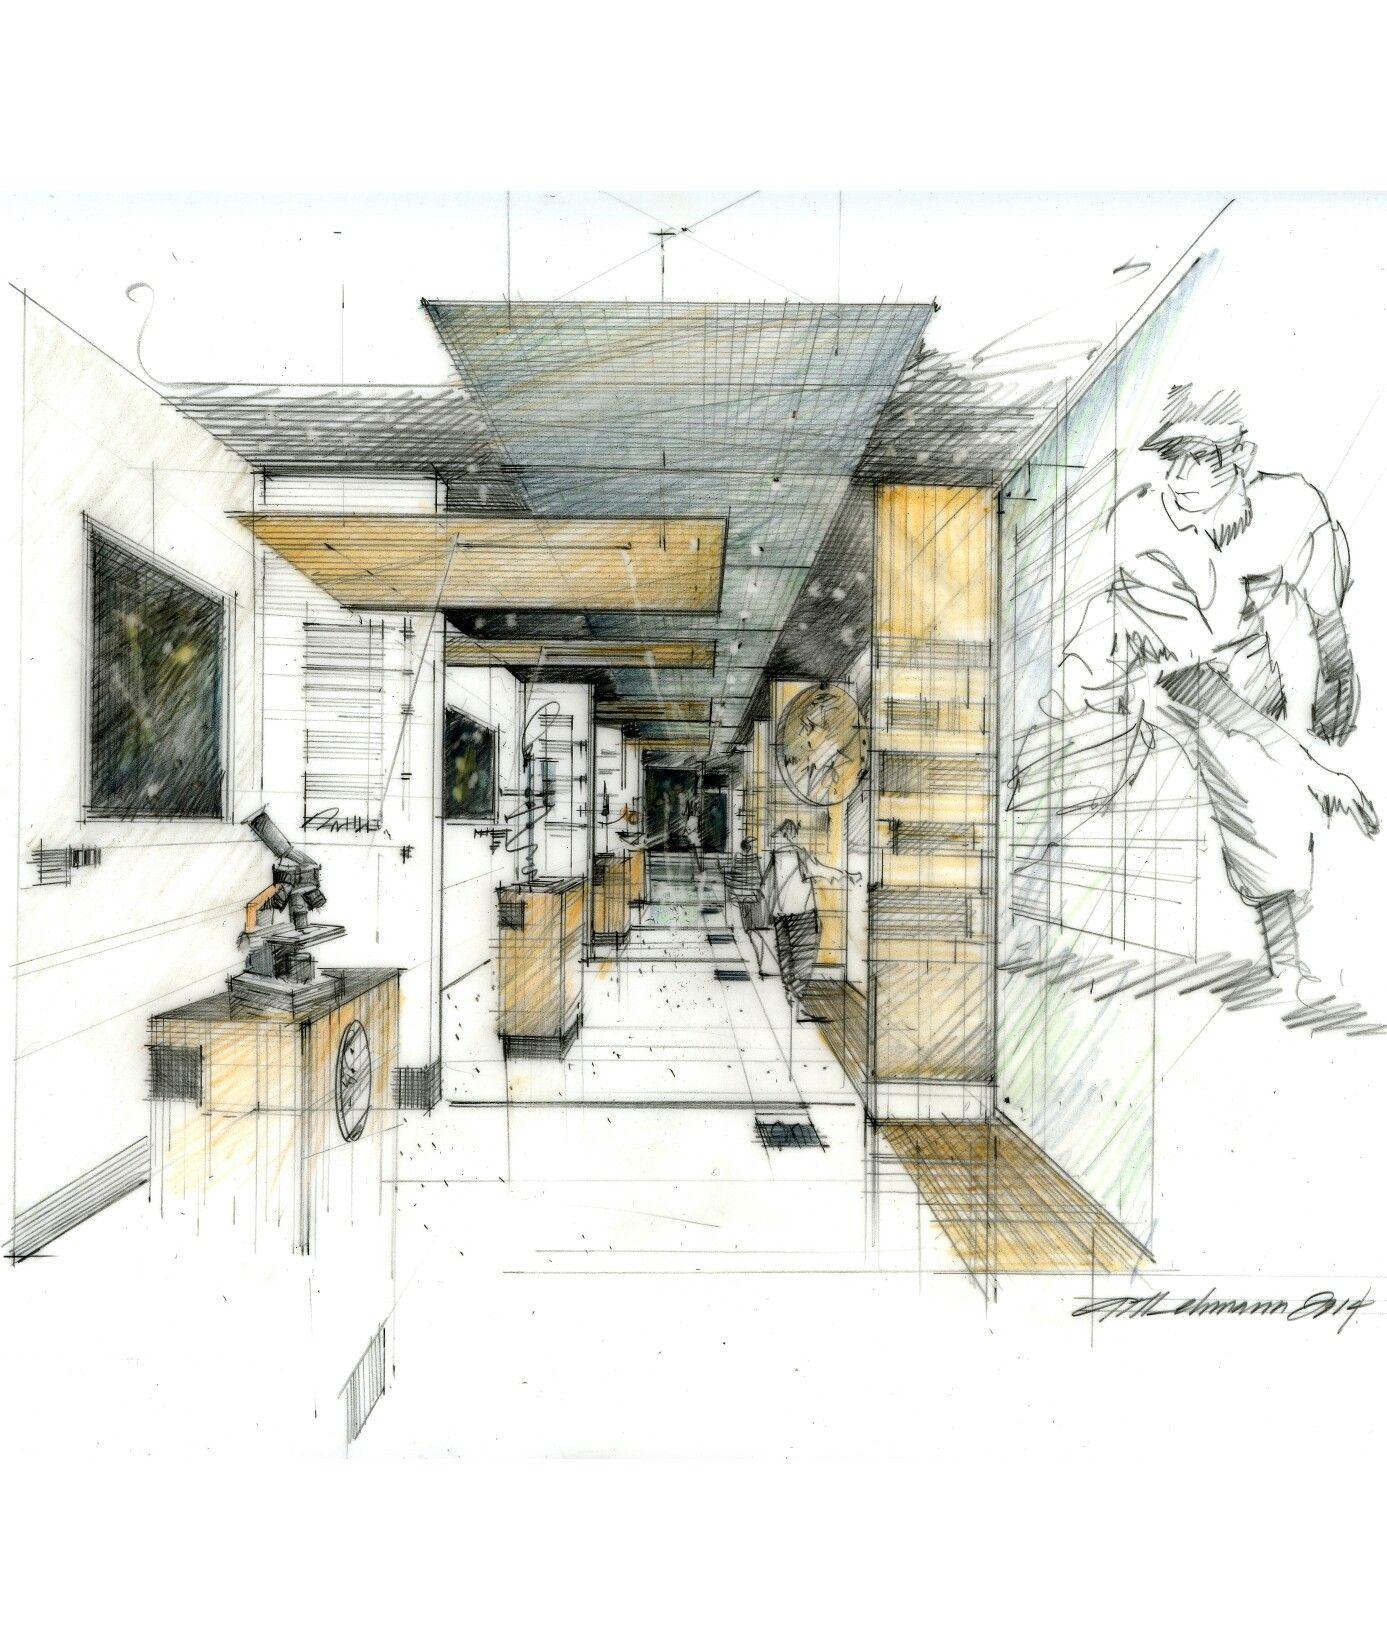 Perspectiva de interiores un punto de fuga museo for Exterior a un punto de fuga